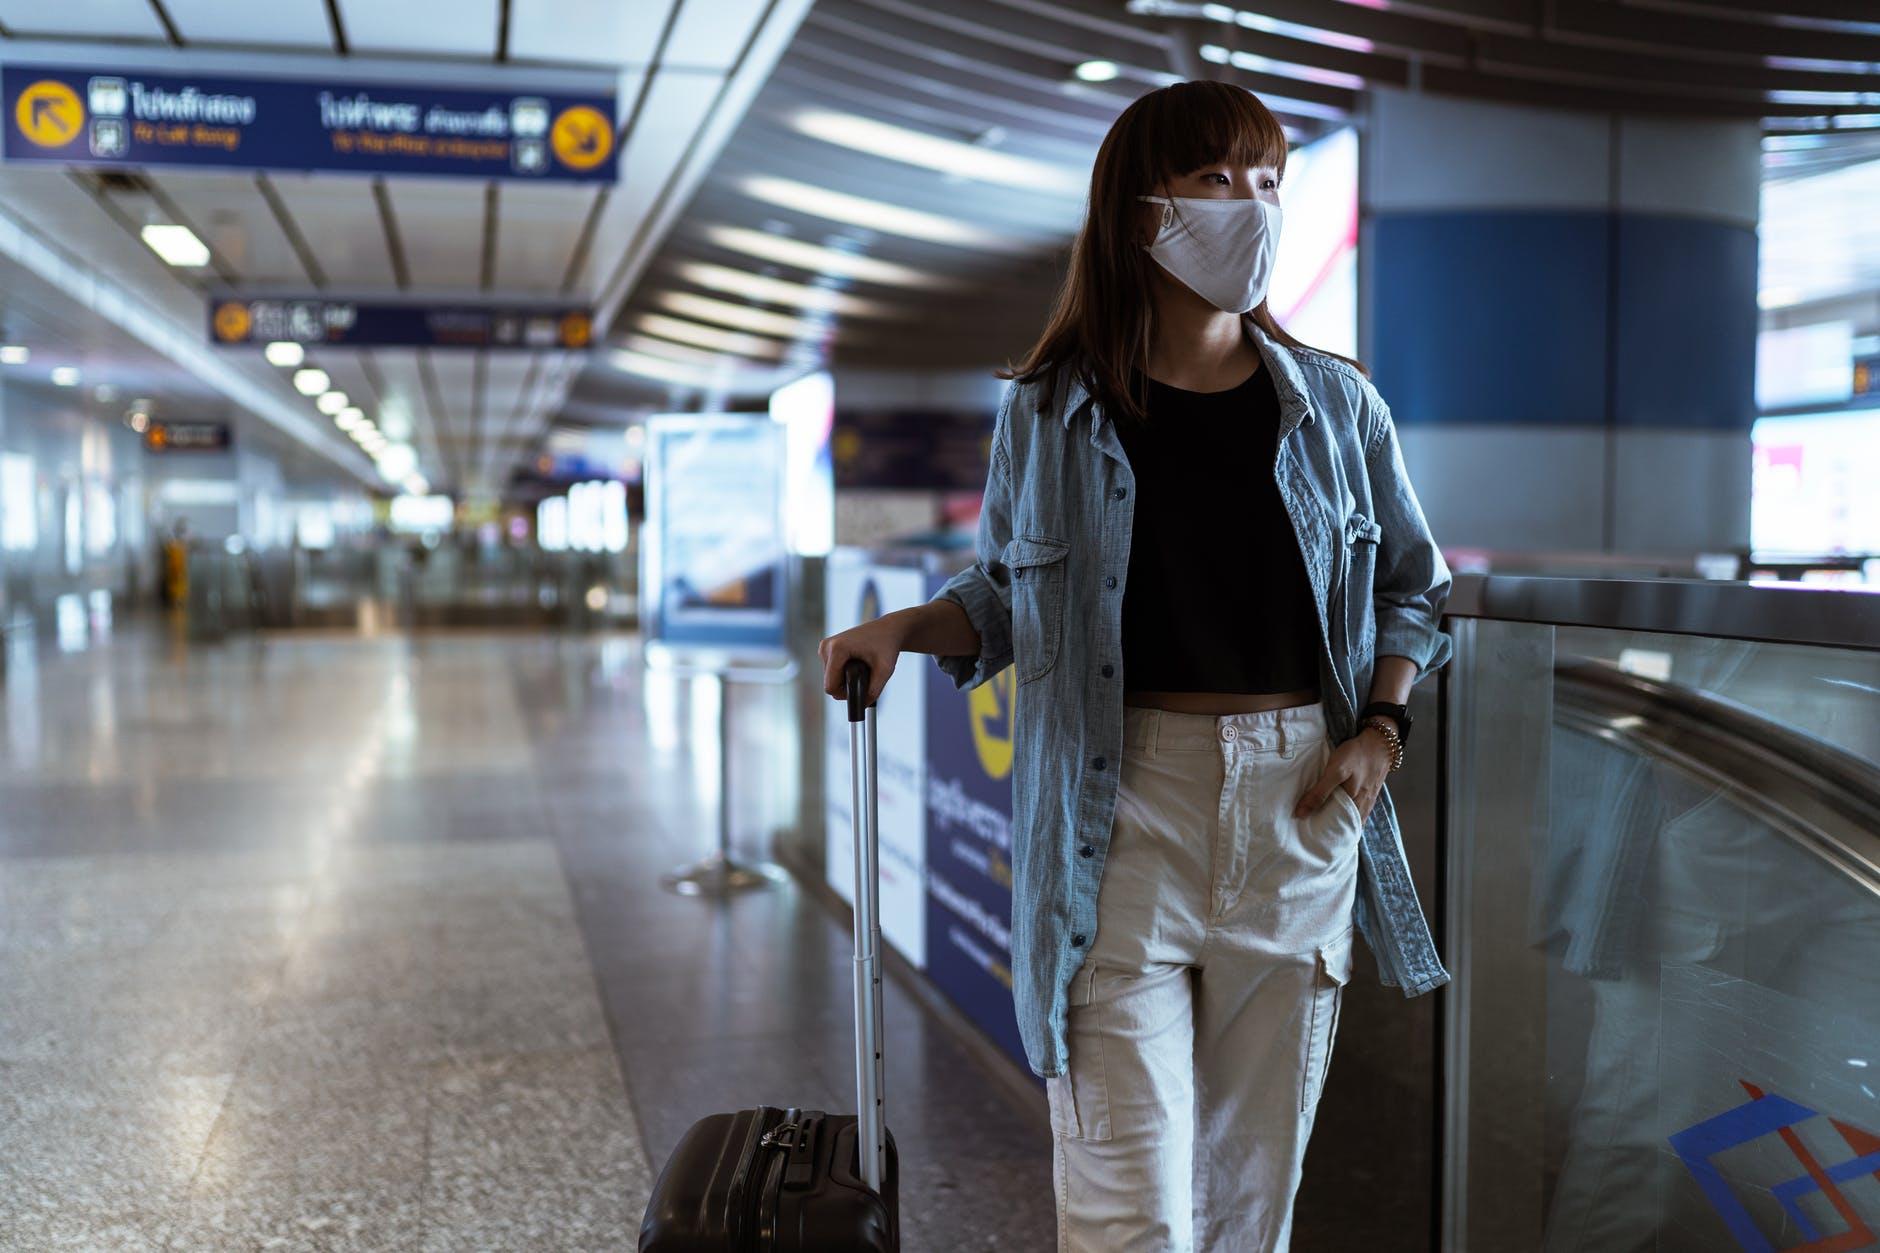 指南 Covid-19 疫情:有资格获得旅行豁免的工作